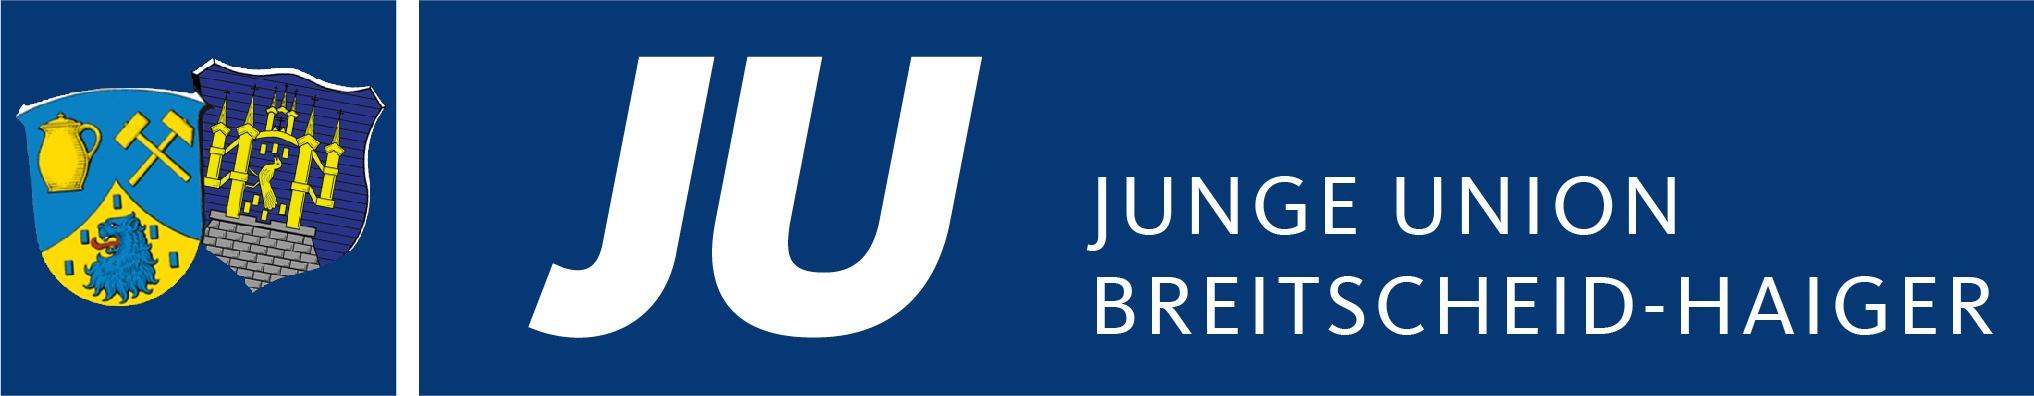 Logo von Junge Union Breitscheid-Haiger